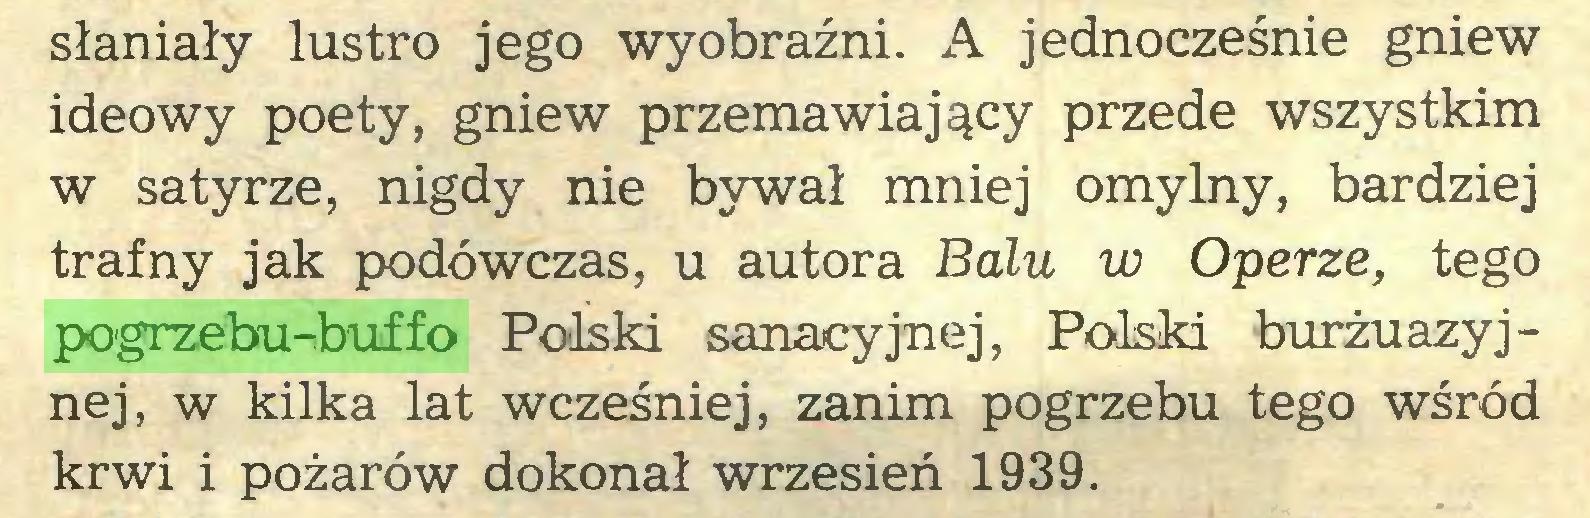 (...) słaniały lustro jego wyobraźni. A jednocześnie gniew ideowy poety, gniew przemawiający przede wszystkim w satyrze, nigdy nie bywał mniej omylny, bardziej trafny jak podówczas, u autora Balu w Operze, tego pogrzebu-buffo Polski sanacyjnej, Polski burżuazyjnej, w kilka lat wcześniej, zanim pogrzebu tego wśród krwi i pożarów dokonał wrzesień 1939...